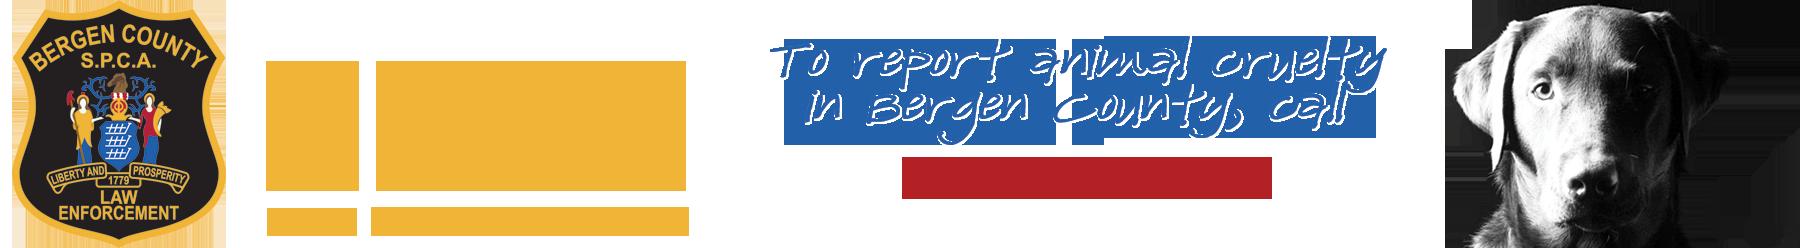 Bergen County SPCA